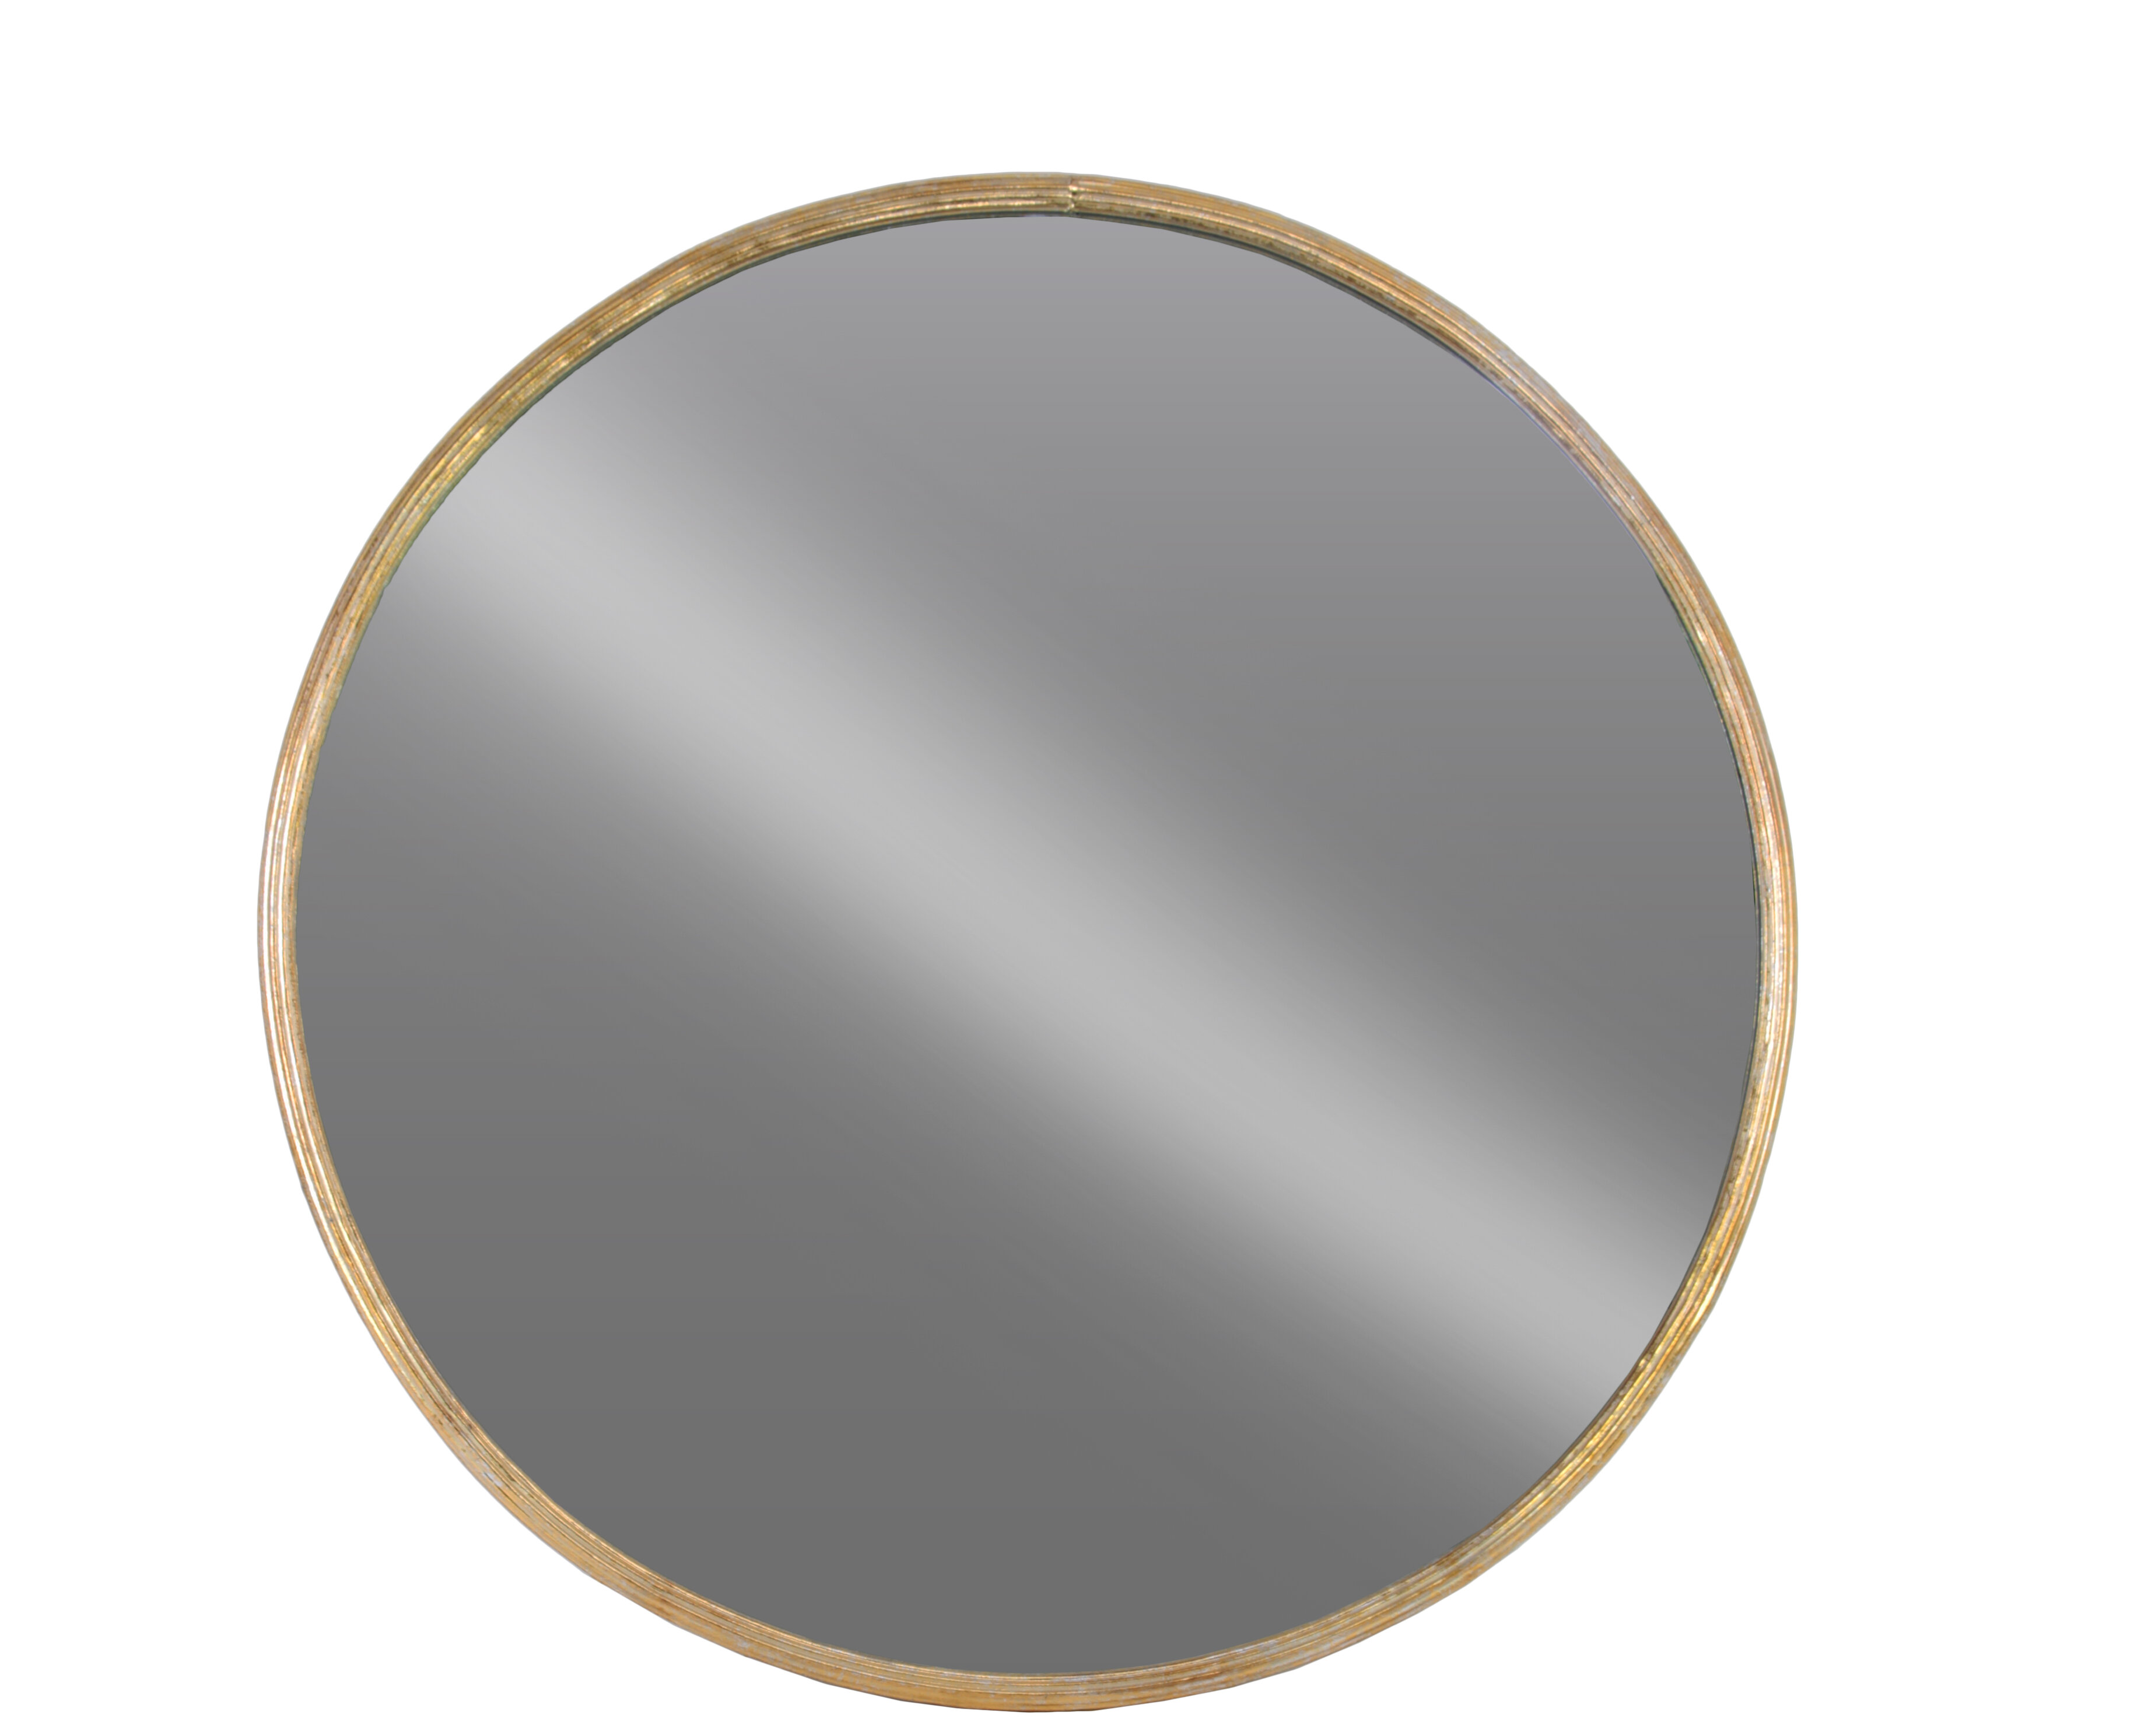 Round Brayden Studio Mirrors You Ll Love In 2021 Wayfair